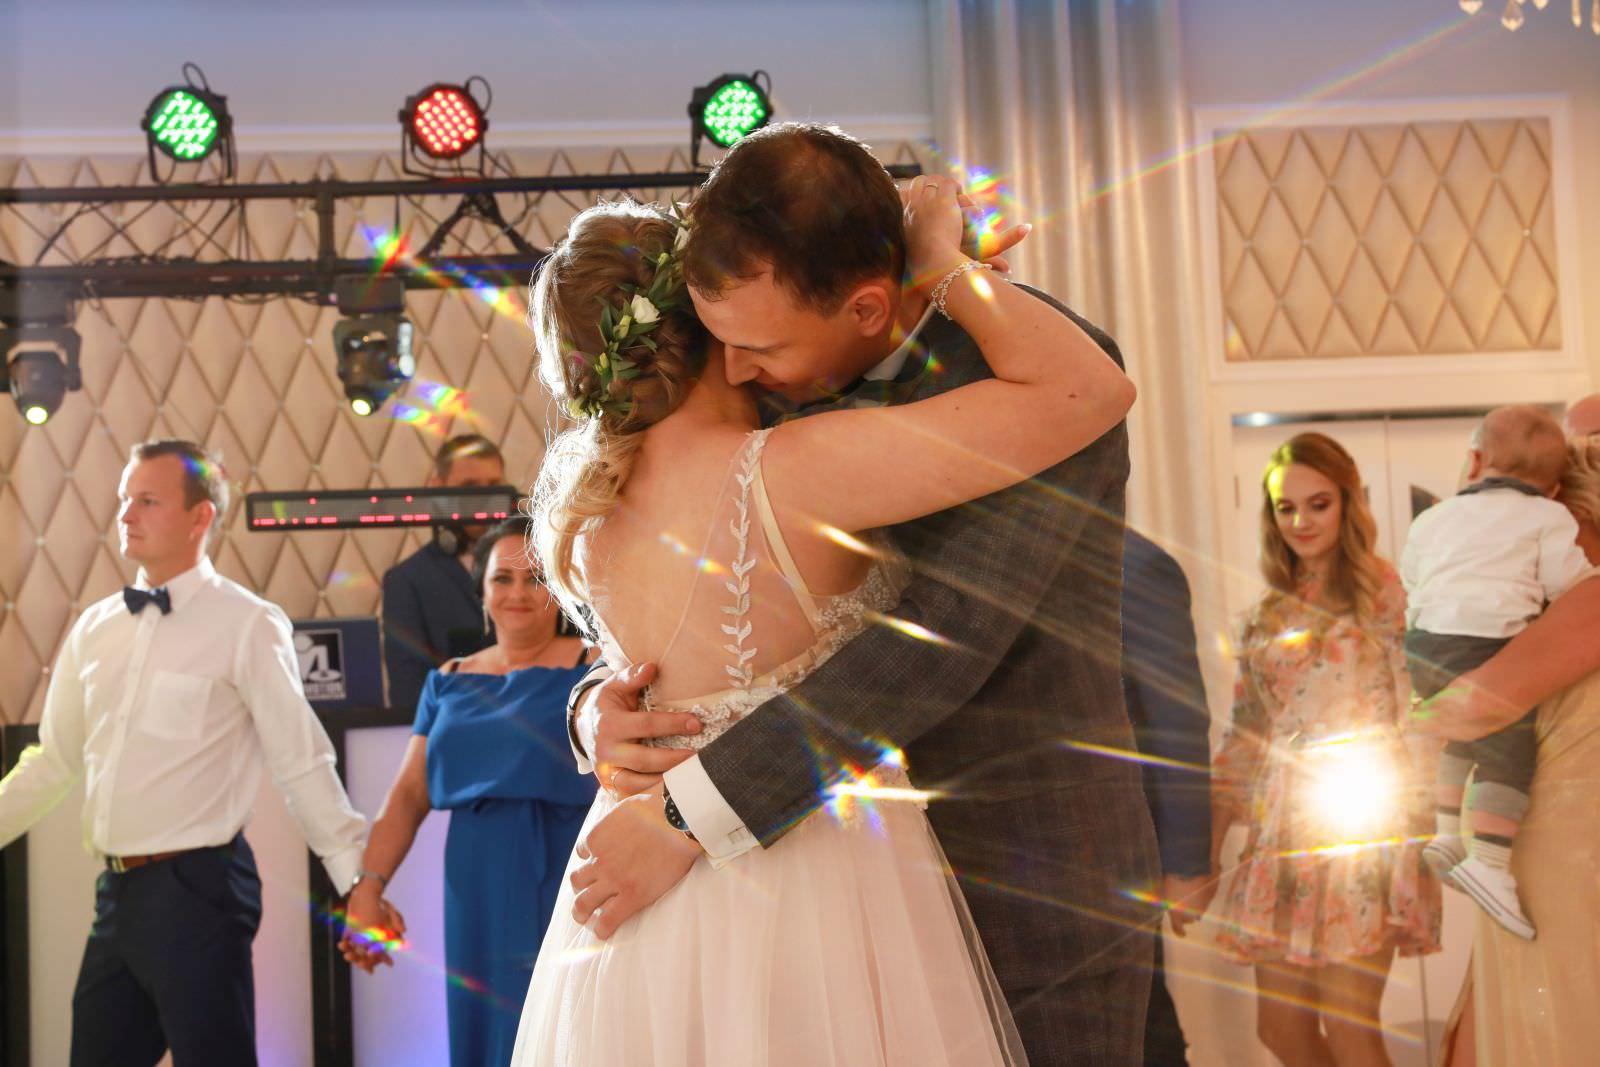 zdjęcie z pierwszego tańca